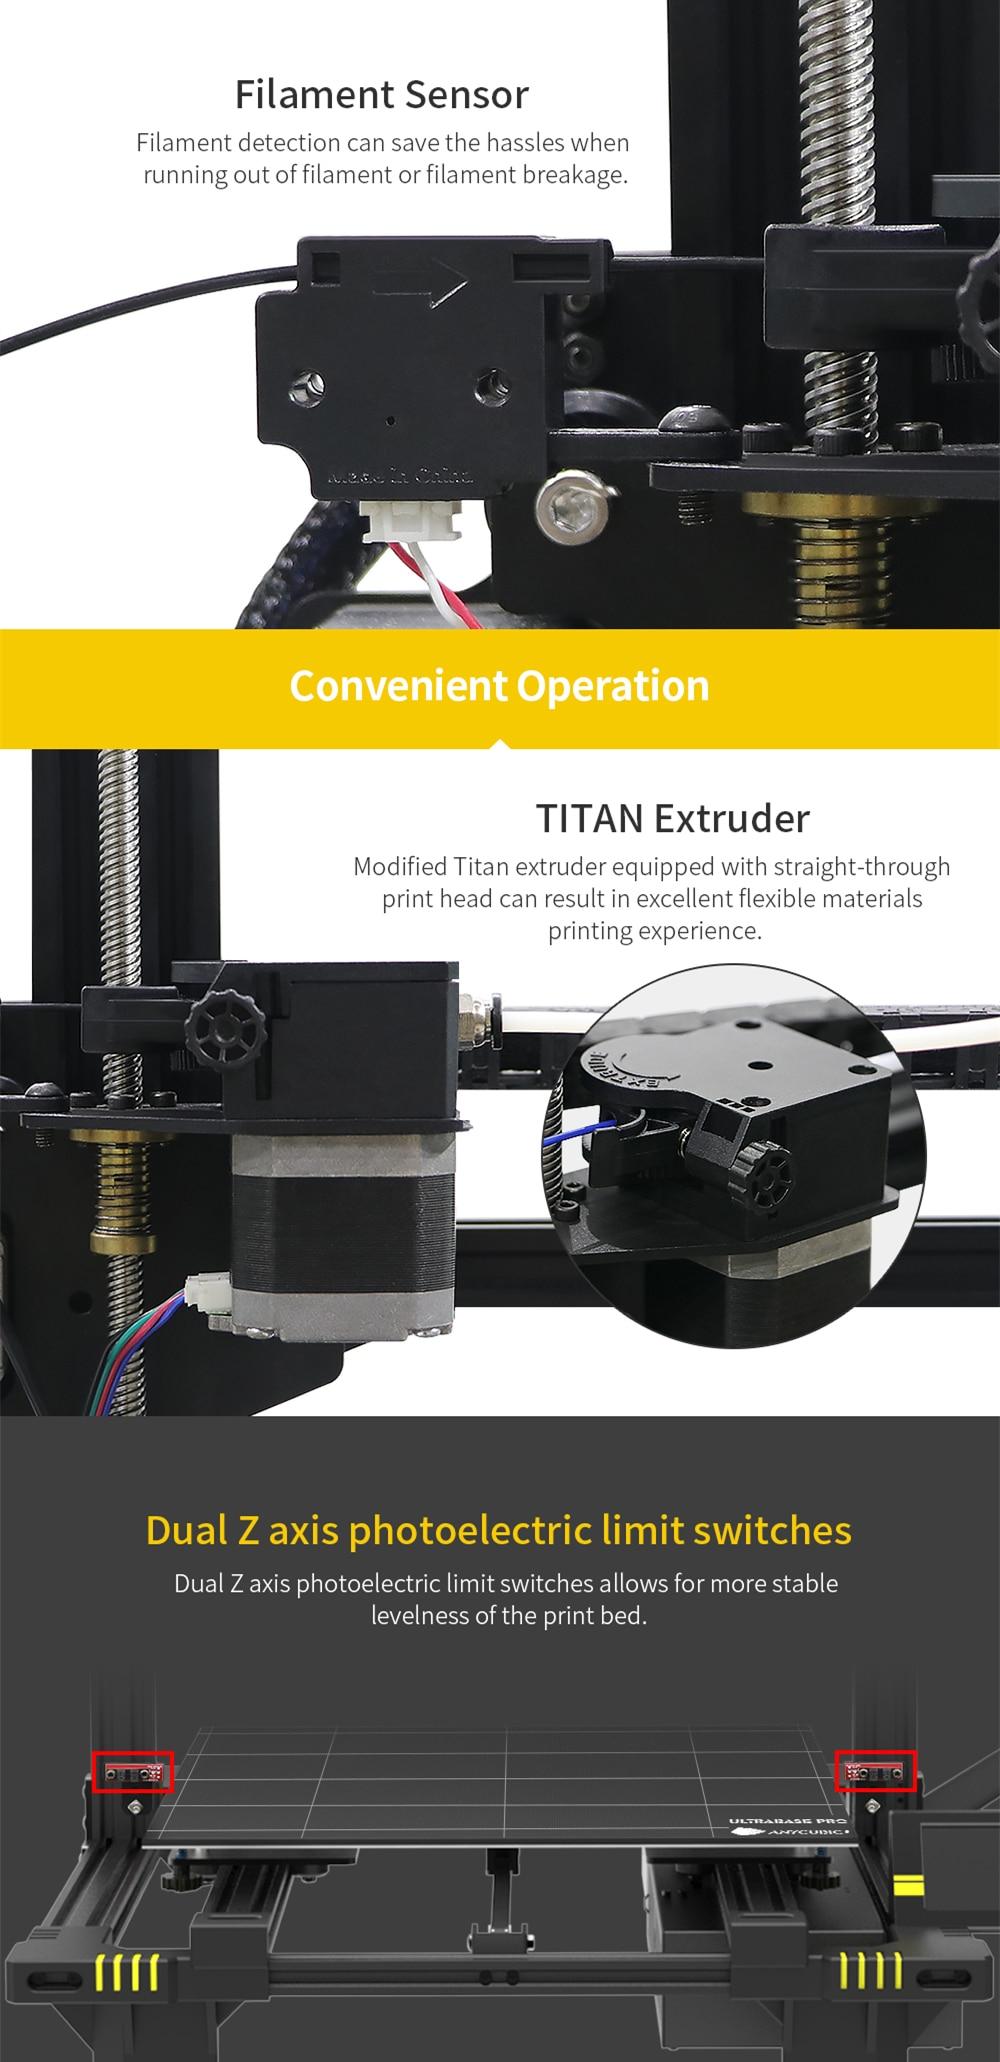 Büroelektronik Anycubic Chiron 3d Drucker Plus Größe Ultrabase Titan Extruder Tft Touchscreen Riesige Bauen Volumen 3d Drucker Kit Impresora 3d